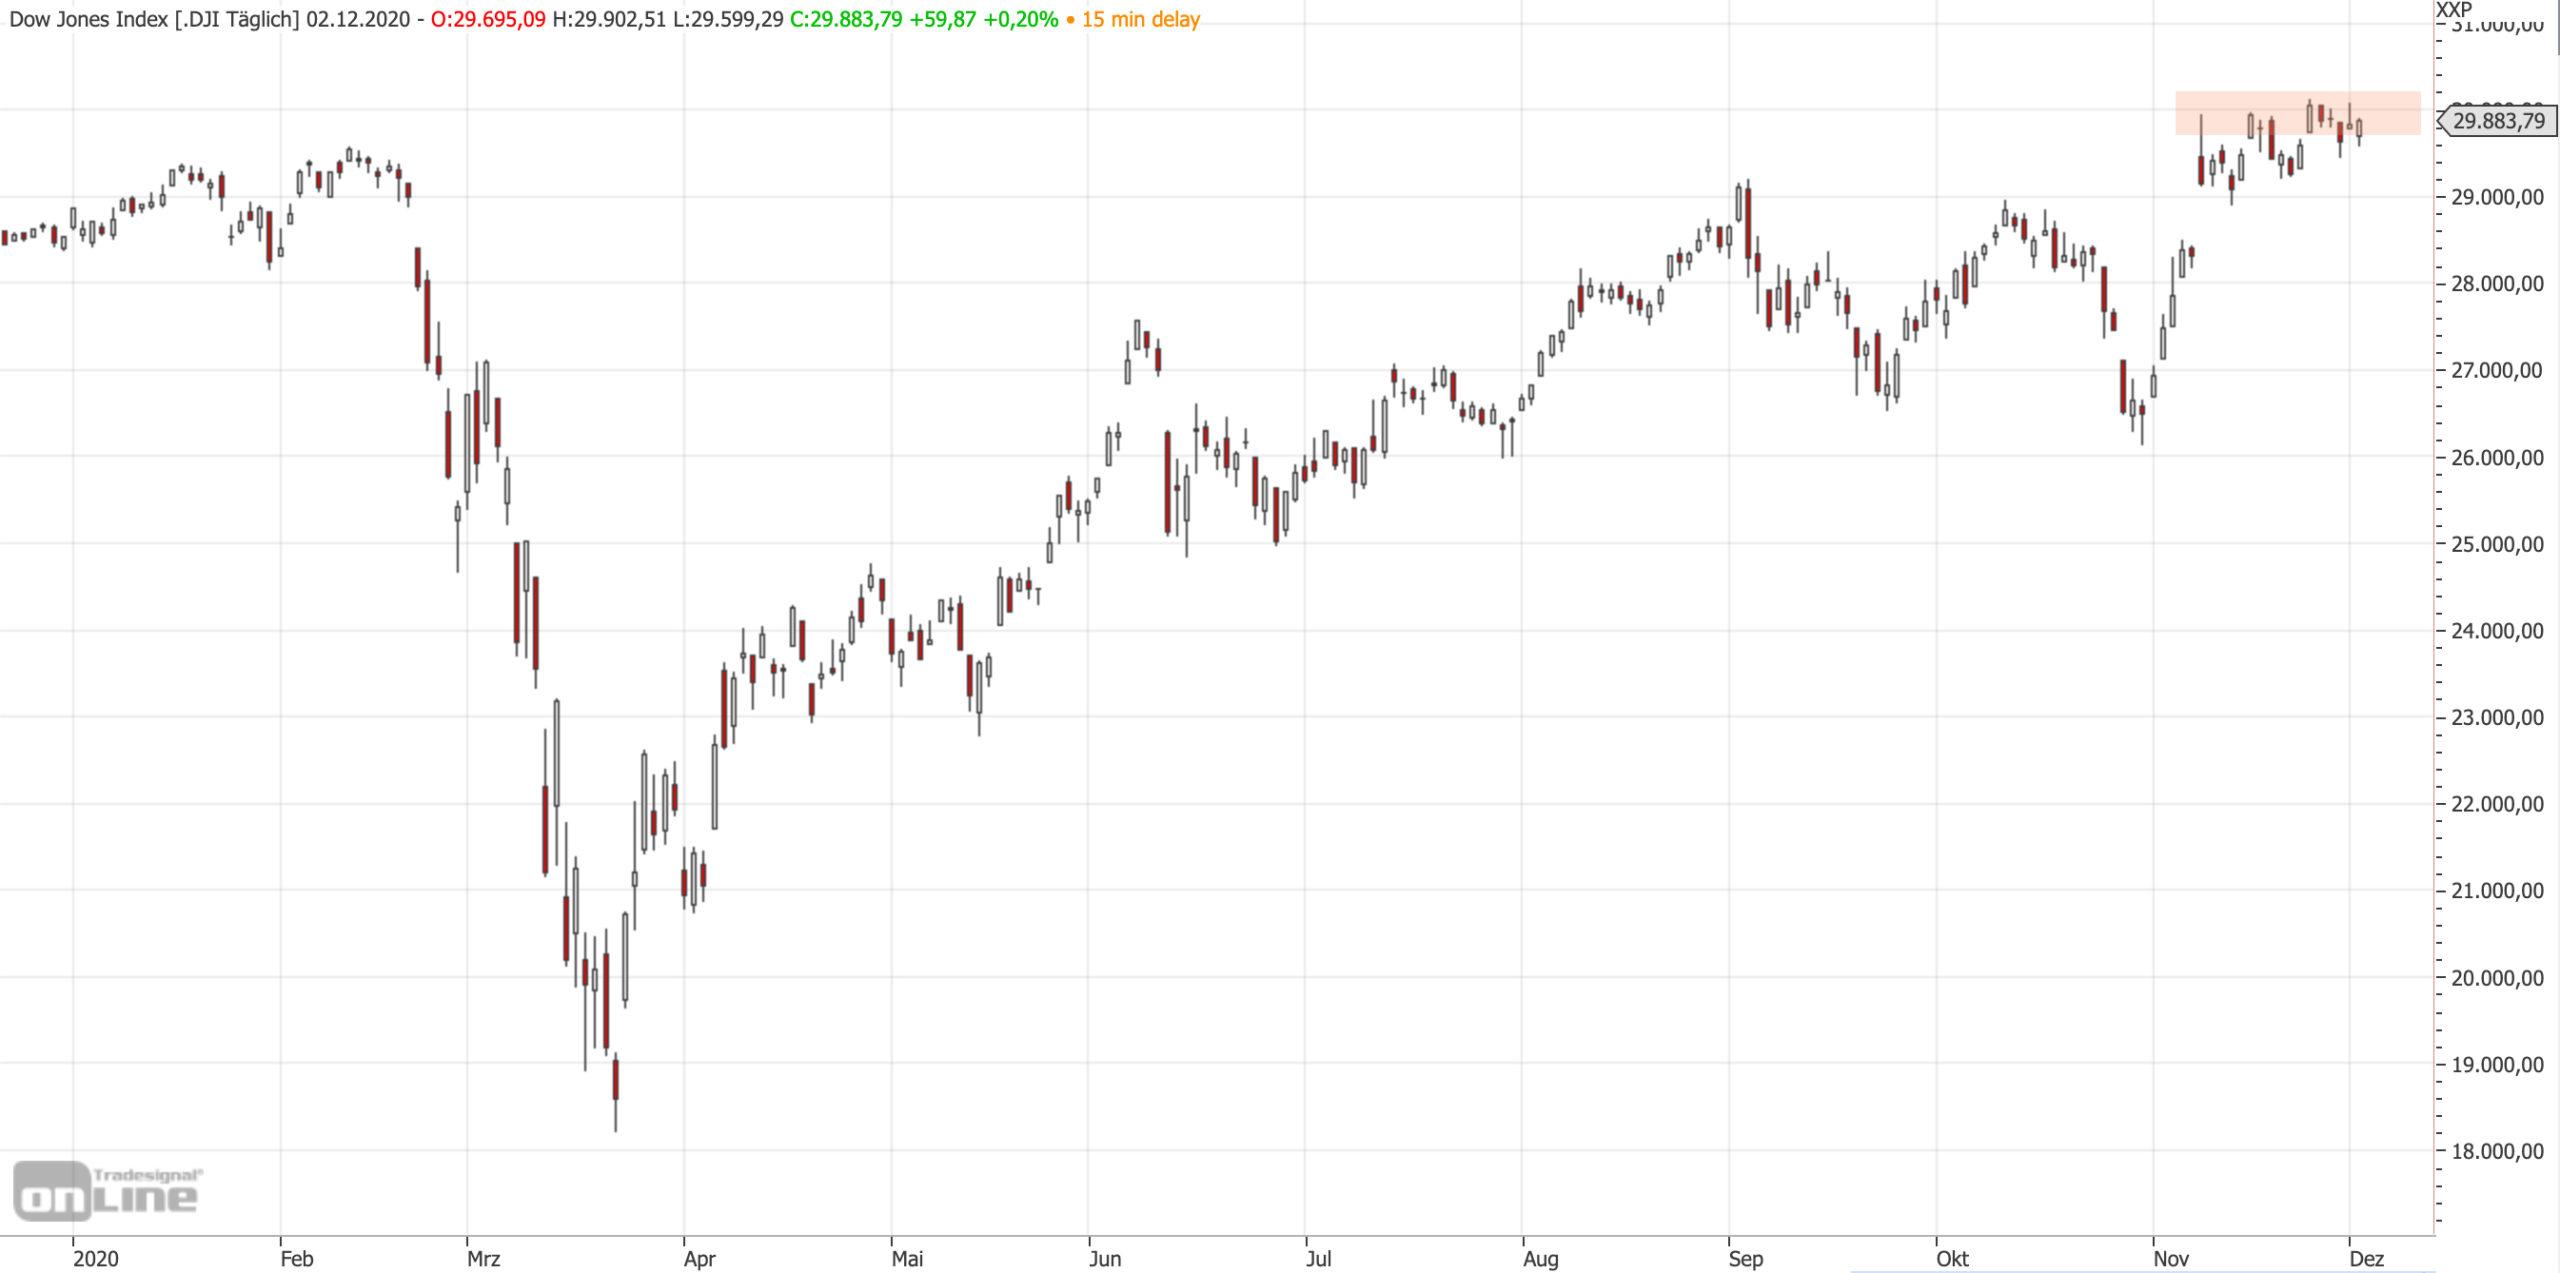 Dow Jones an runder 30.000 gedeckelt